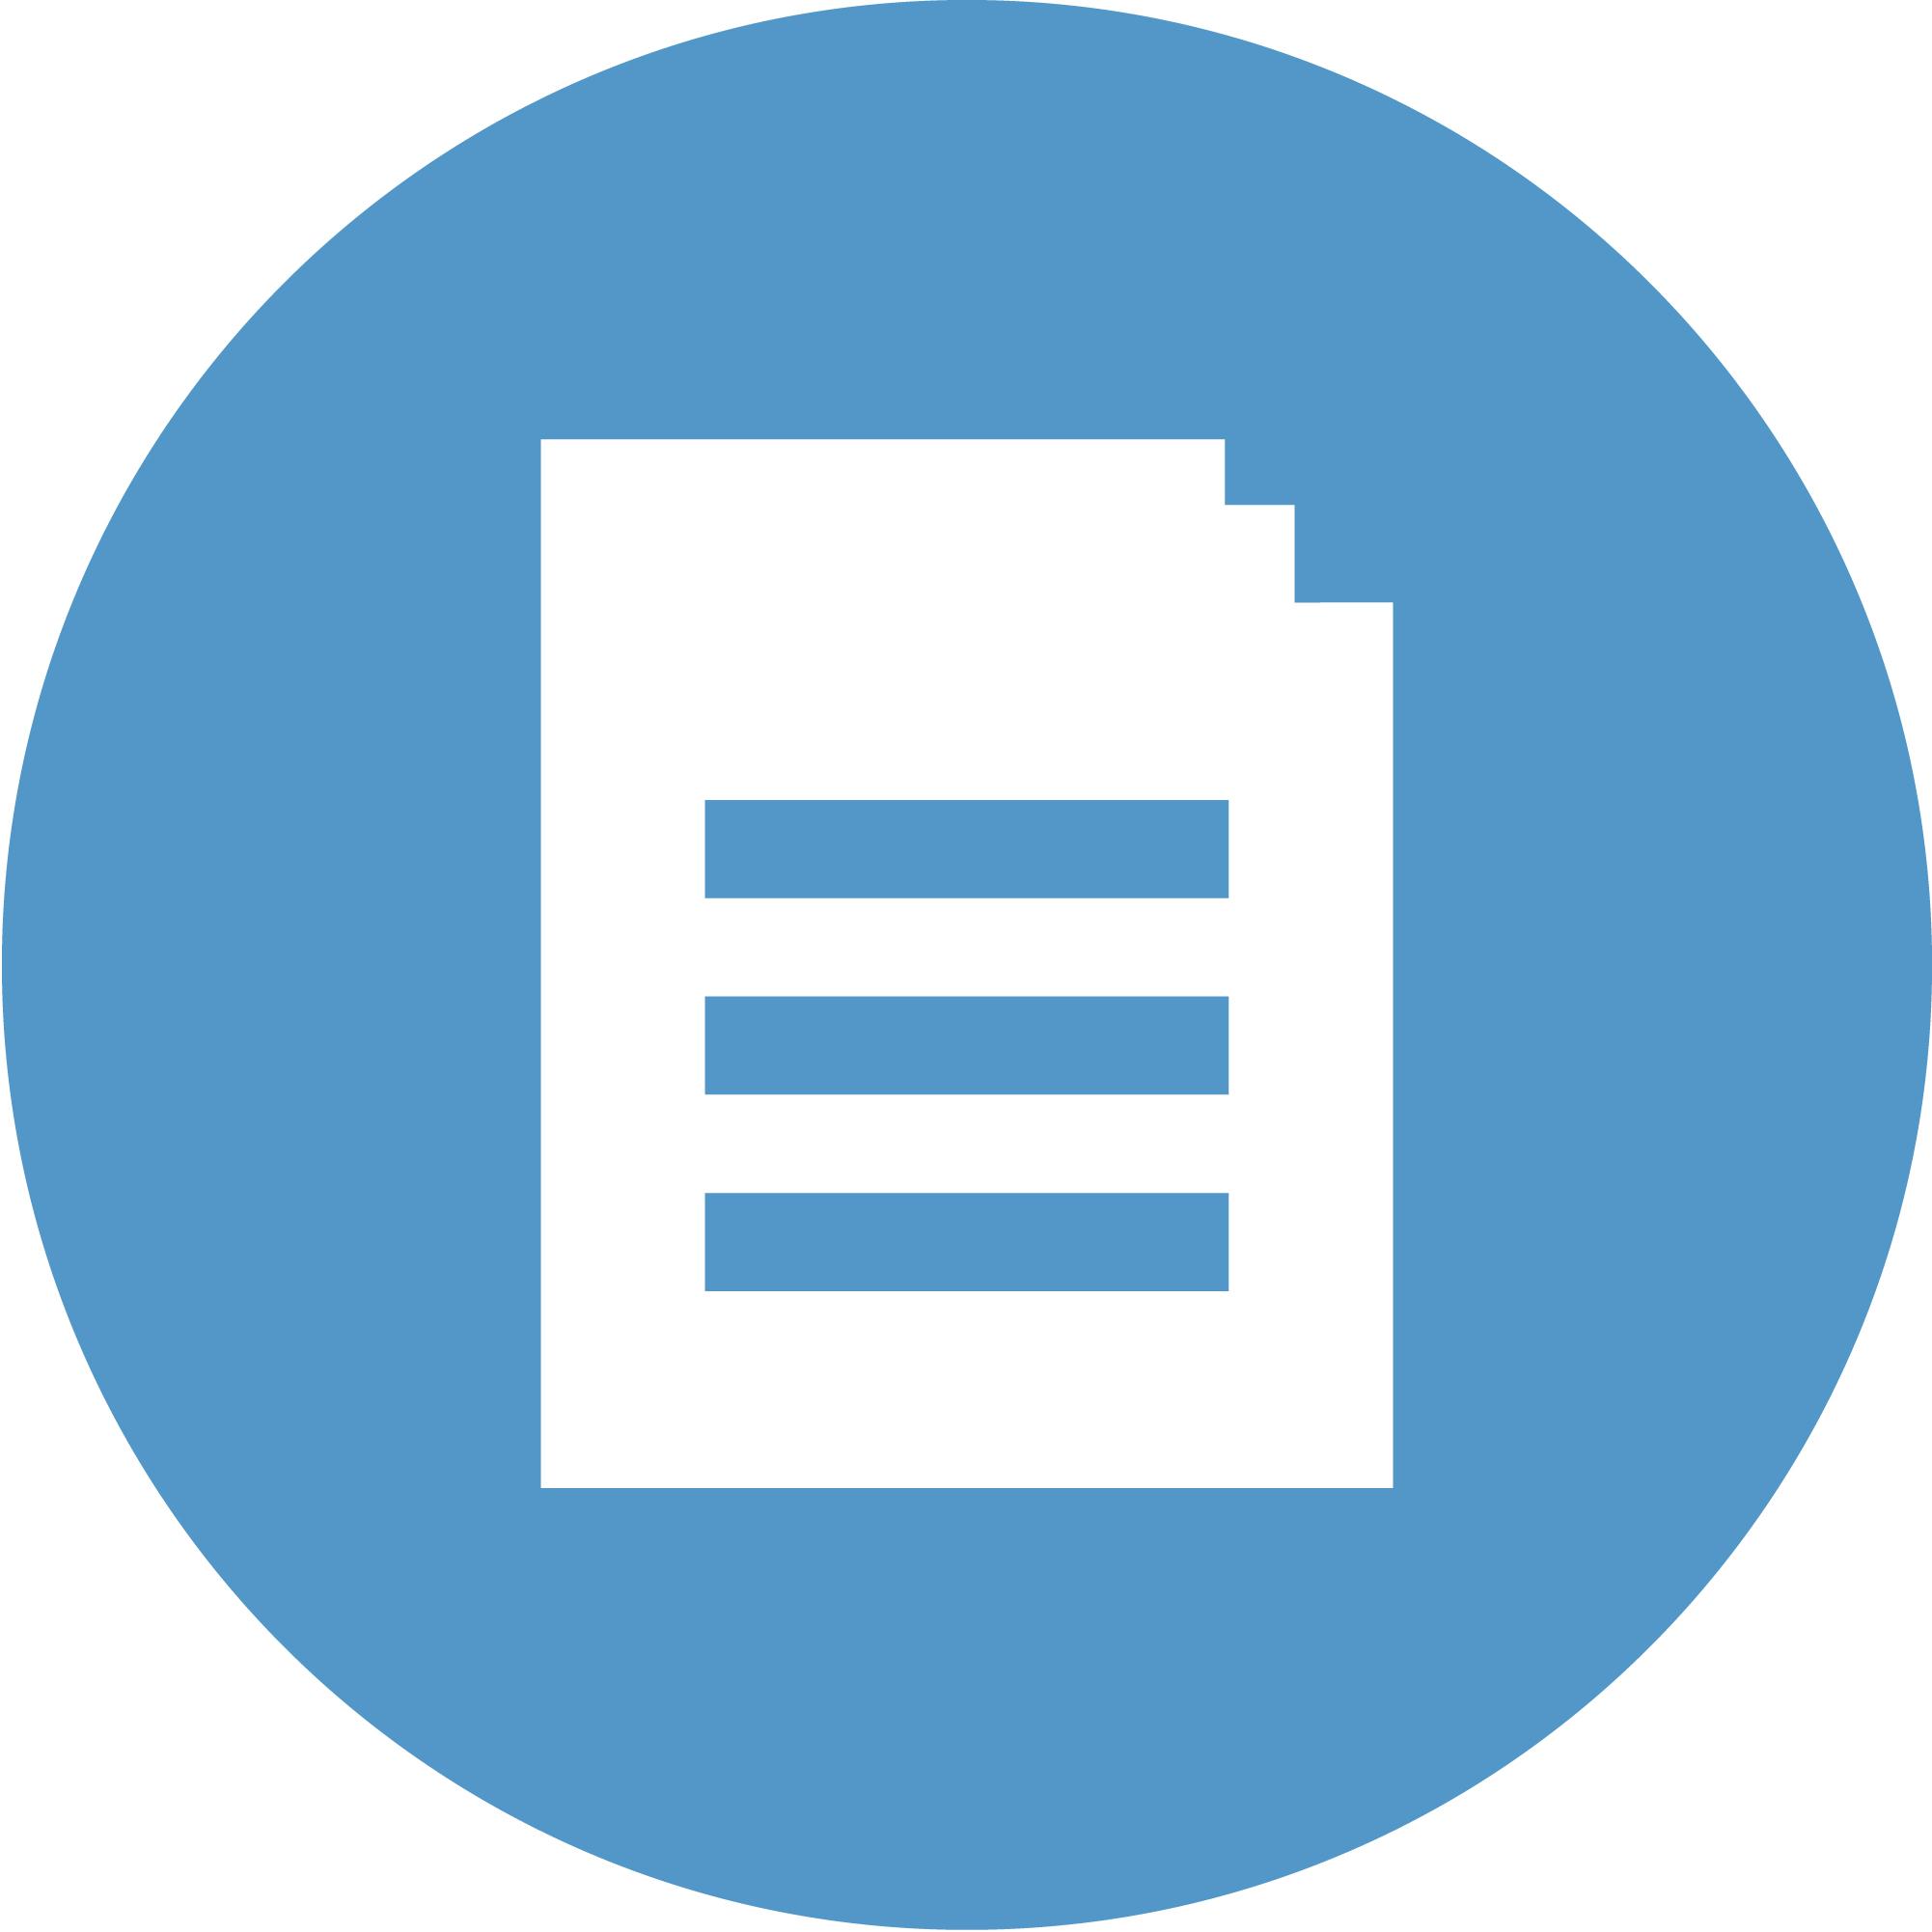 Åbne opgaver   Opgaver i D365 projektet, som endnu ikke er accepteret - fordelt på ansvarlig